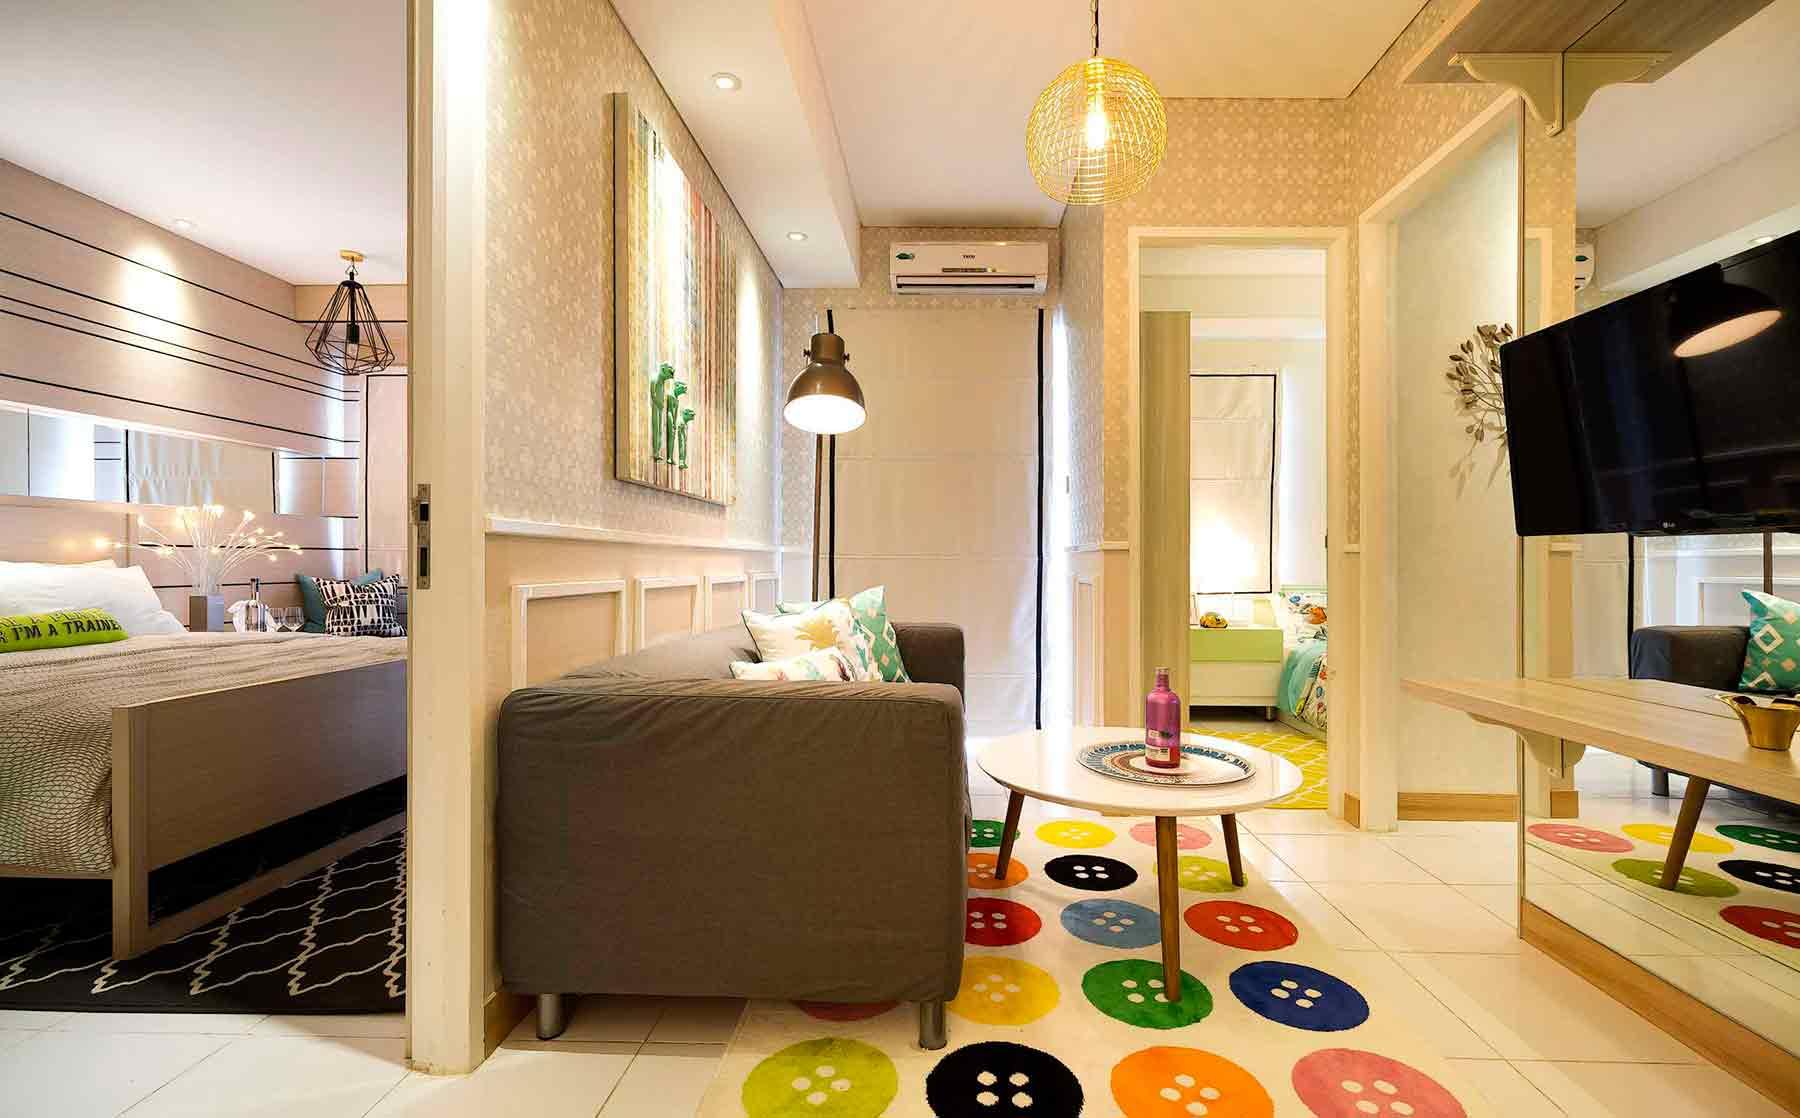 Karpet motif kancing baju warna-warna di apartemen karya Teddykoo, via Arsitag.com